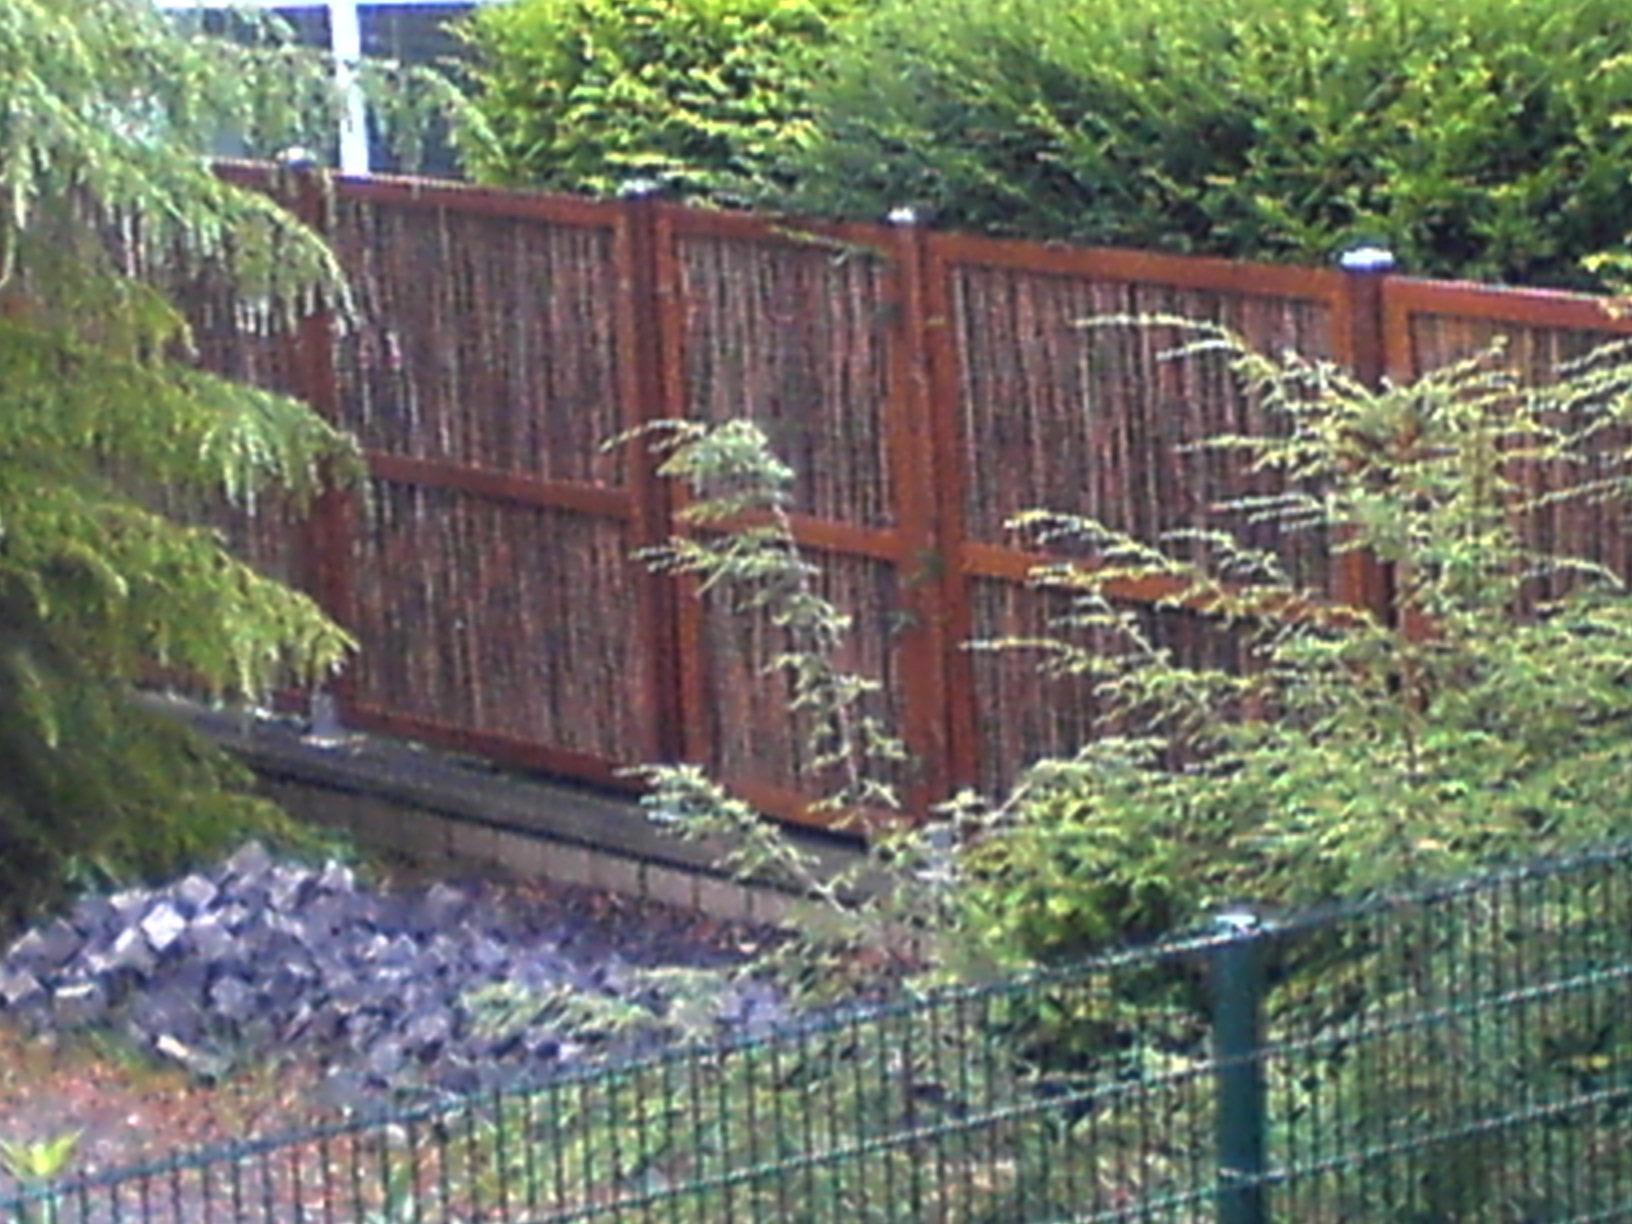 sichtschutz selber bauen weide: balkon sichtschutz holz nach ma, Garten und Bauen